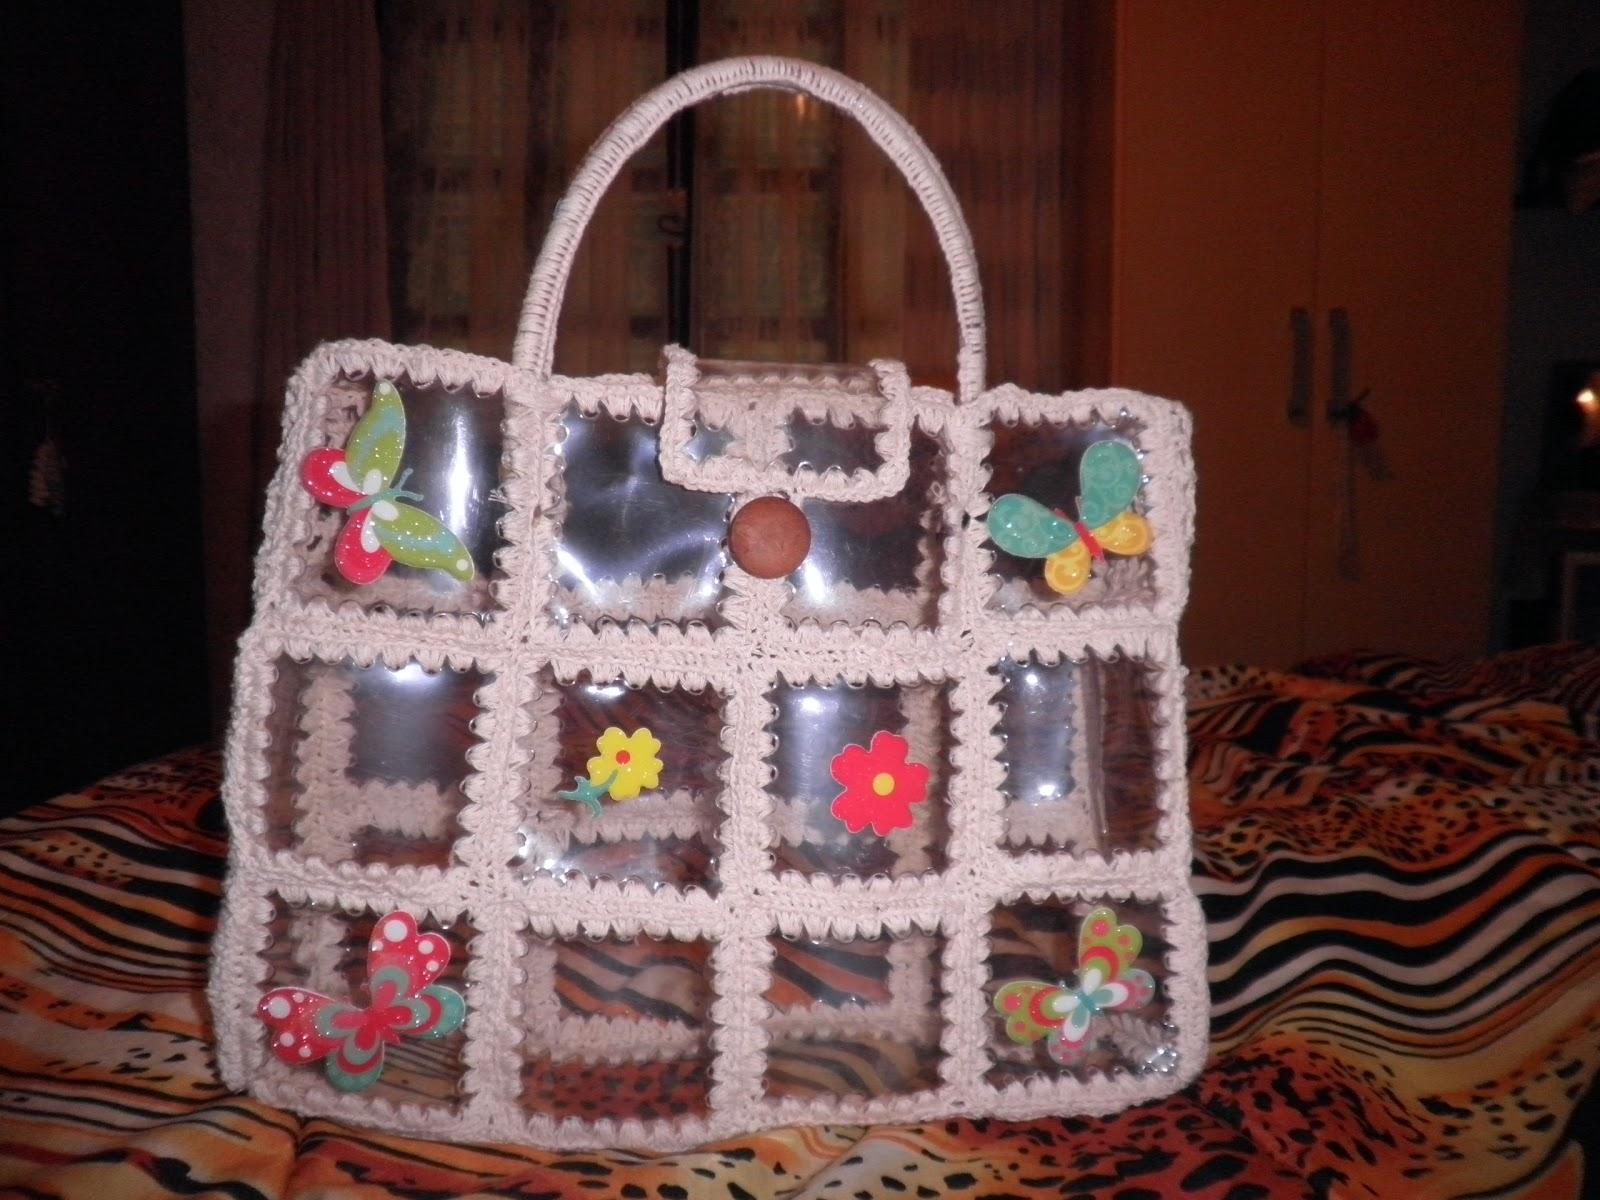 Tejiendo cami bolsos hechos en botellas de plastico - Como hacer bolsos con salvamanteles ...